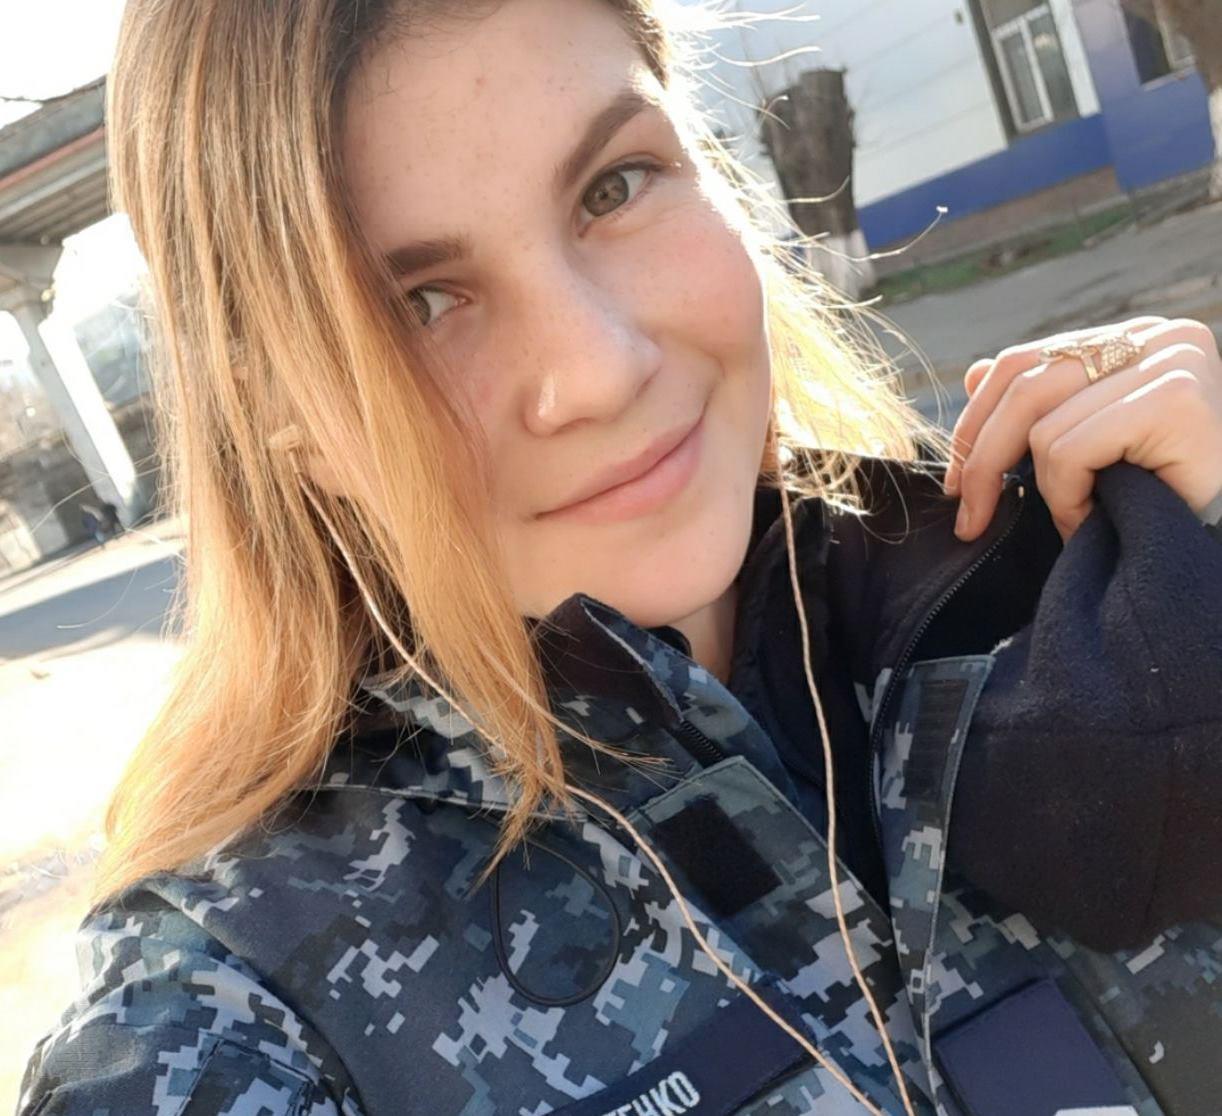 У ЗСУ перша жінка-водолаз пройшла випробування, які не витримують до 70% чоловіків Катерина Нікітенко